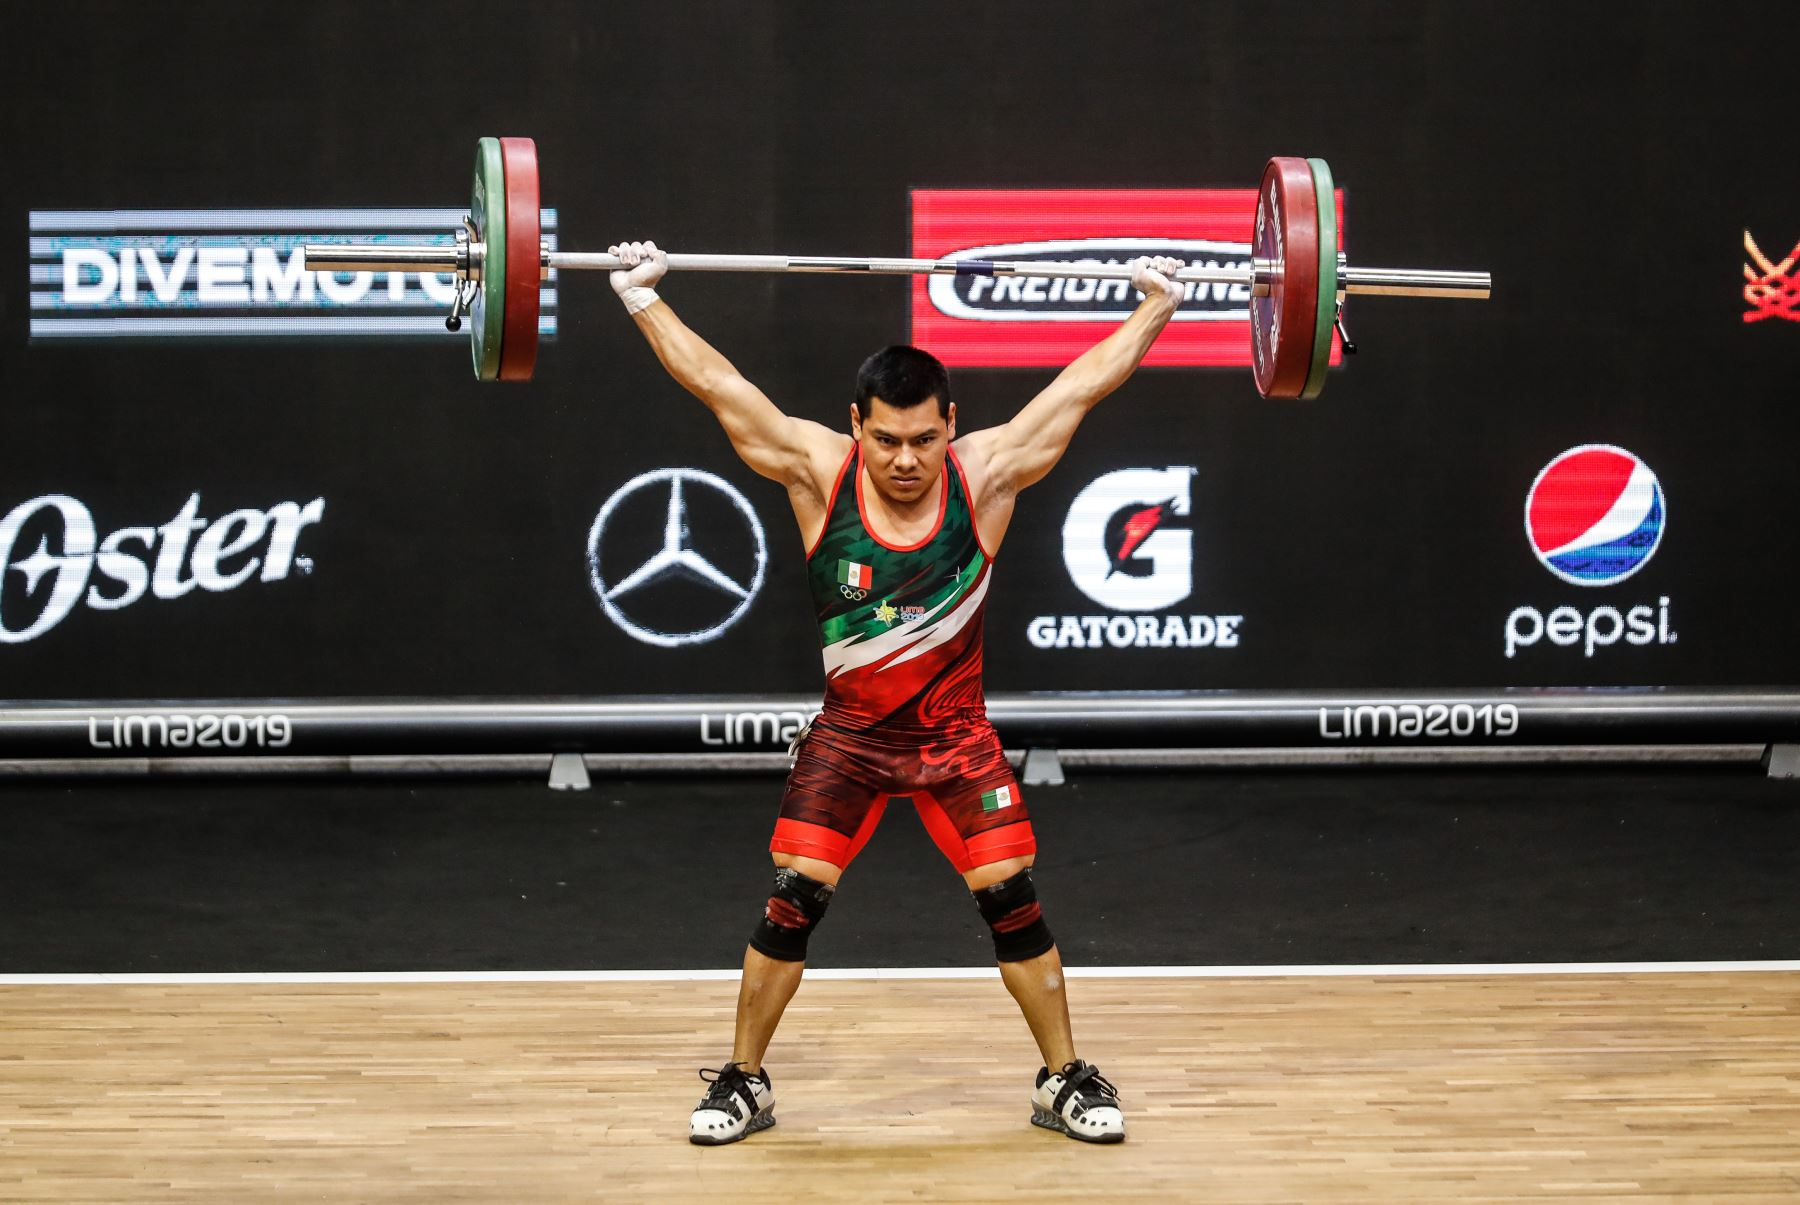 Continúan las competencias del Grand Prix Lima 2019, donde se presentan los mejores exponentes del levantamiento de pesas. Foto: ANDINA/Renato Pajuelo